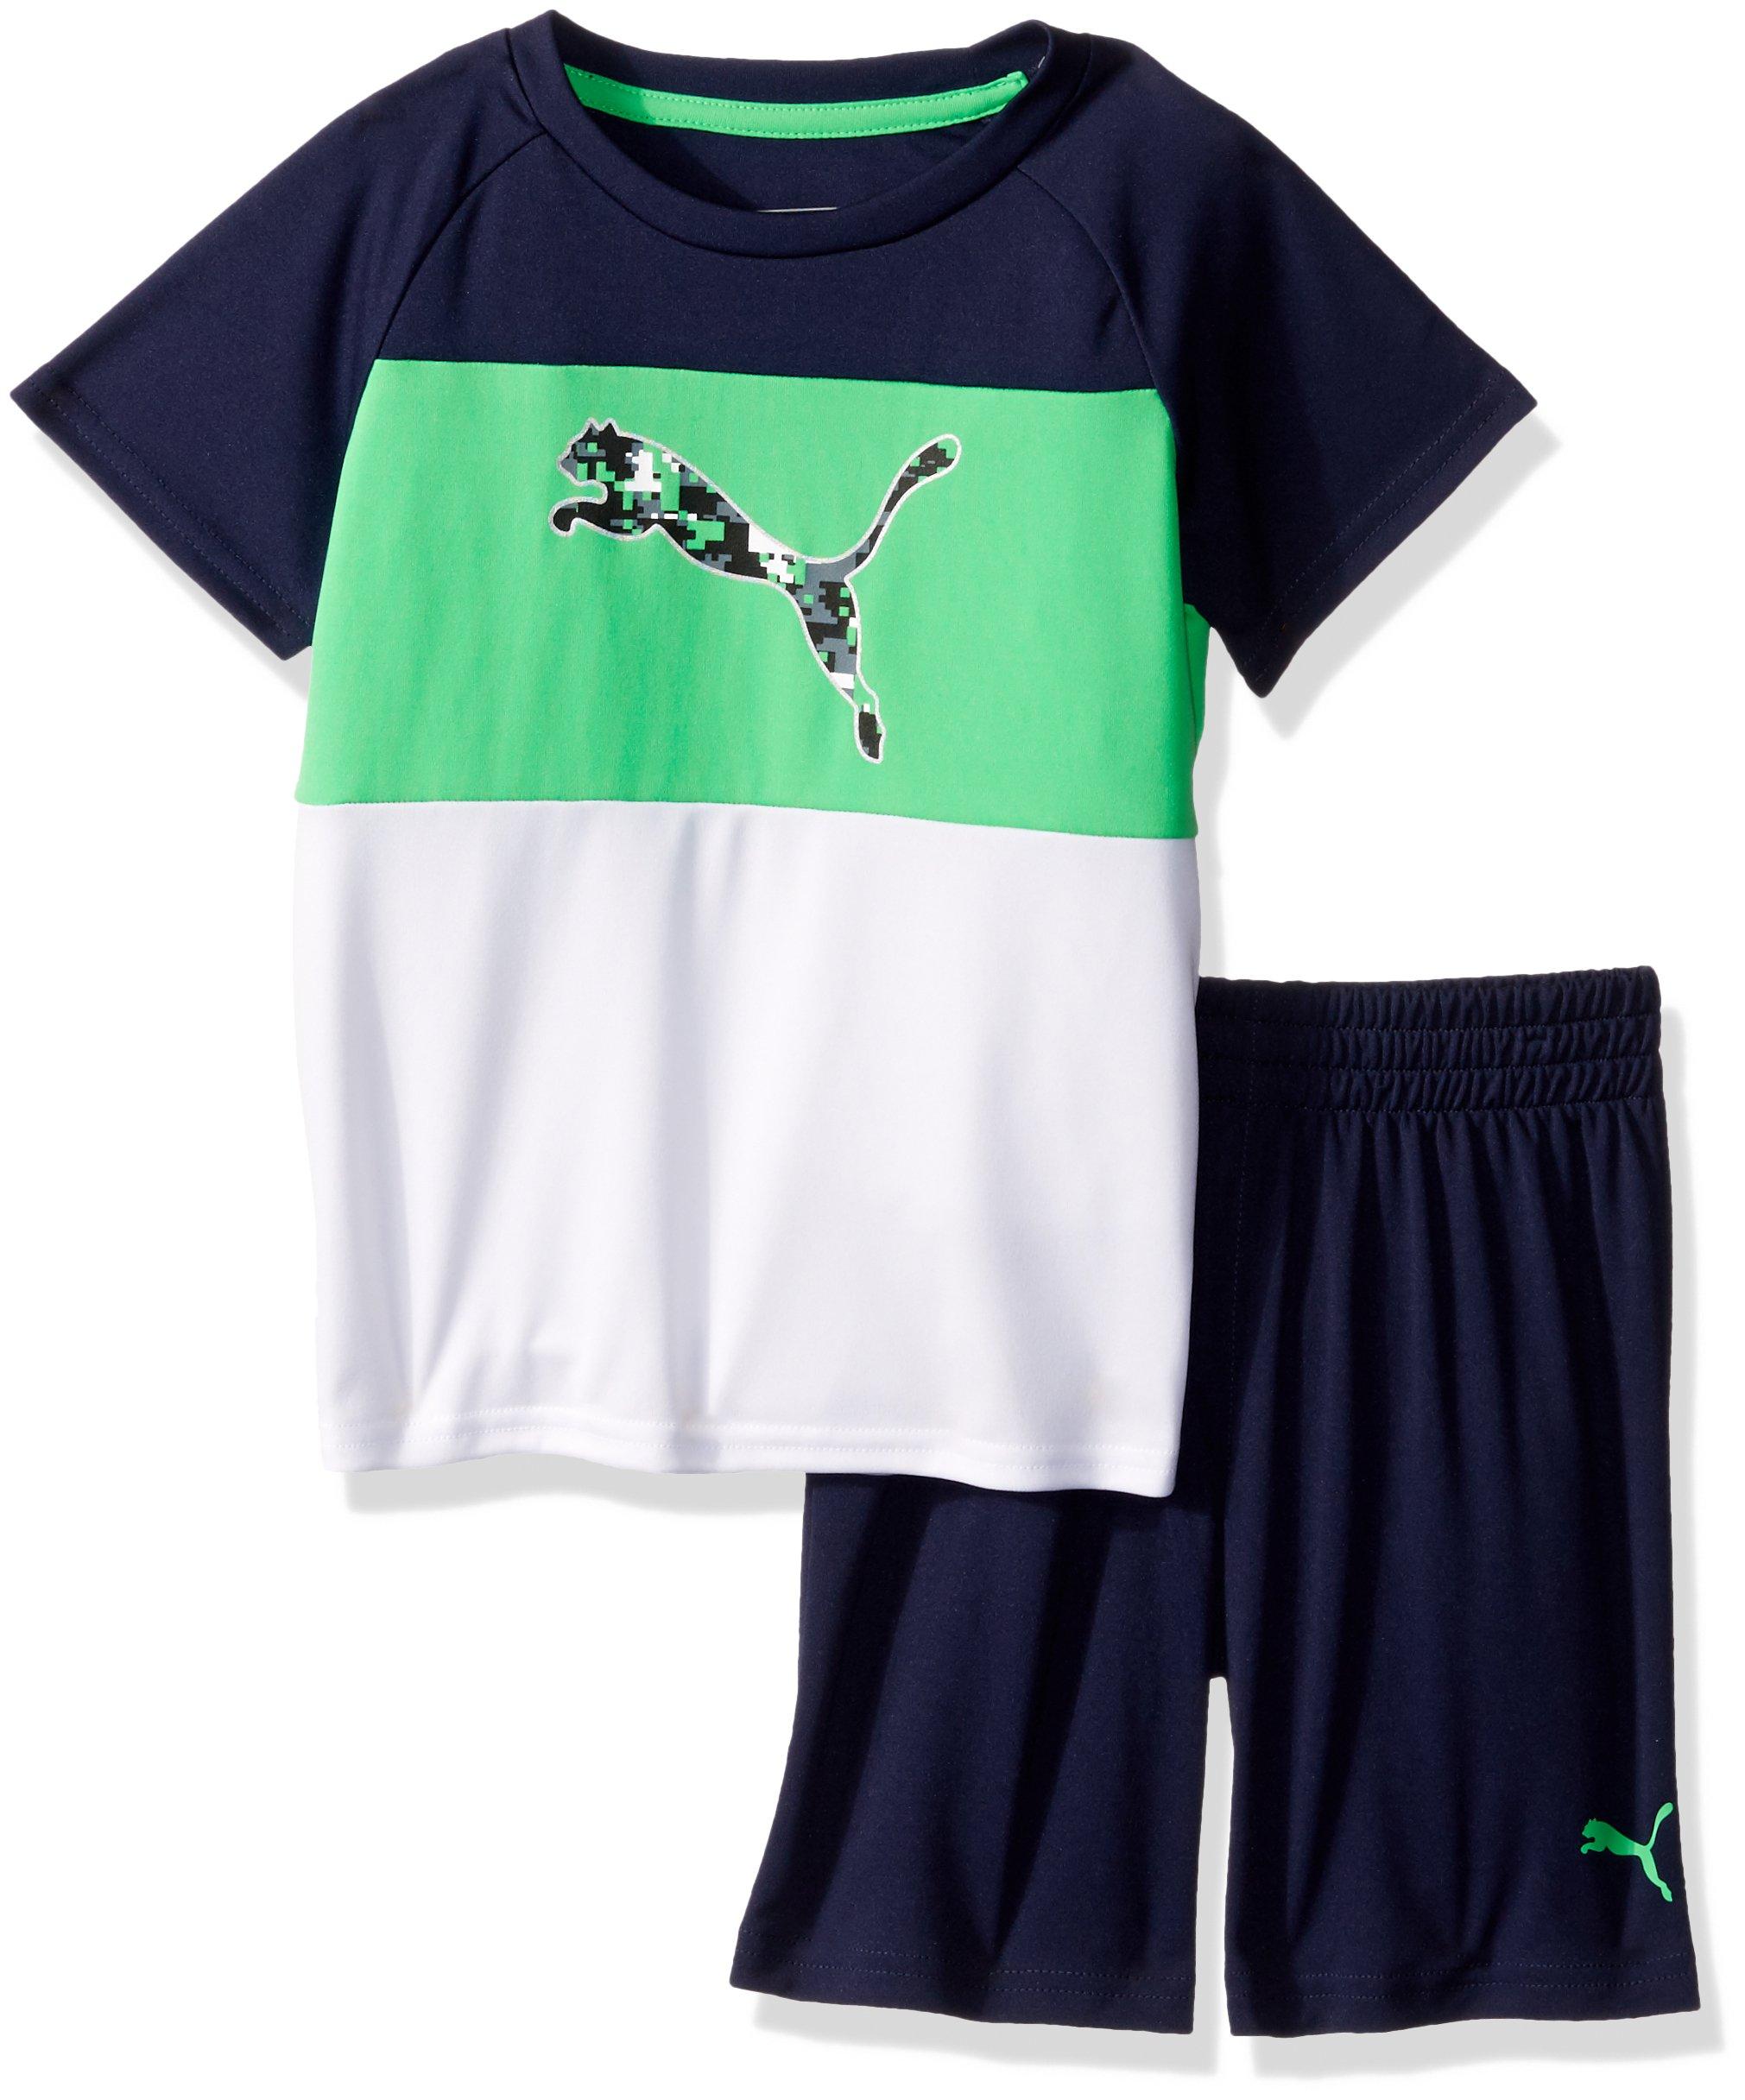 PUMA Toddler Boys' 2 Piece Tee & Short Set, Field Green, 3T